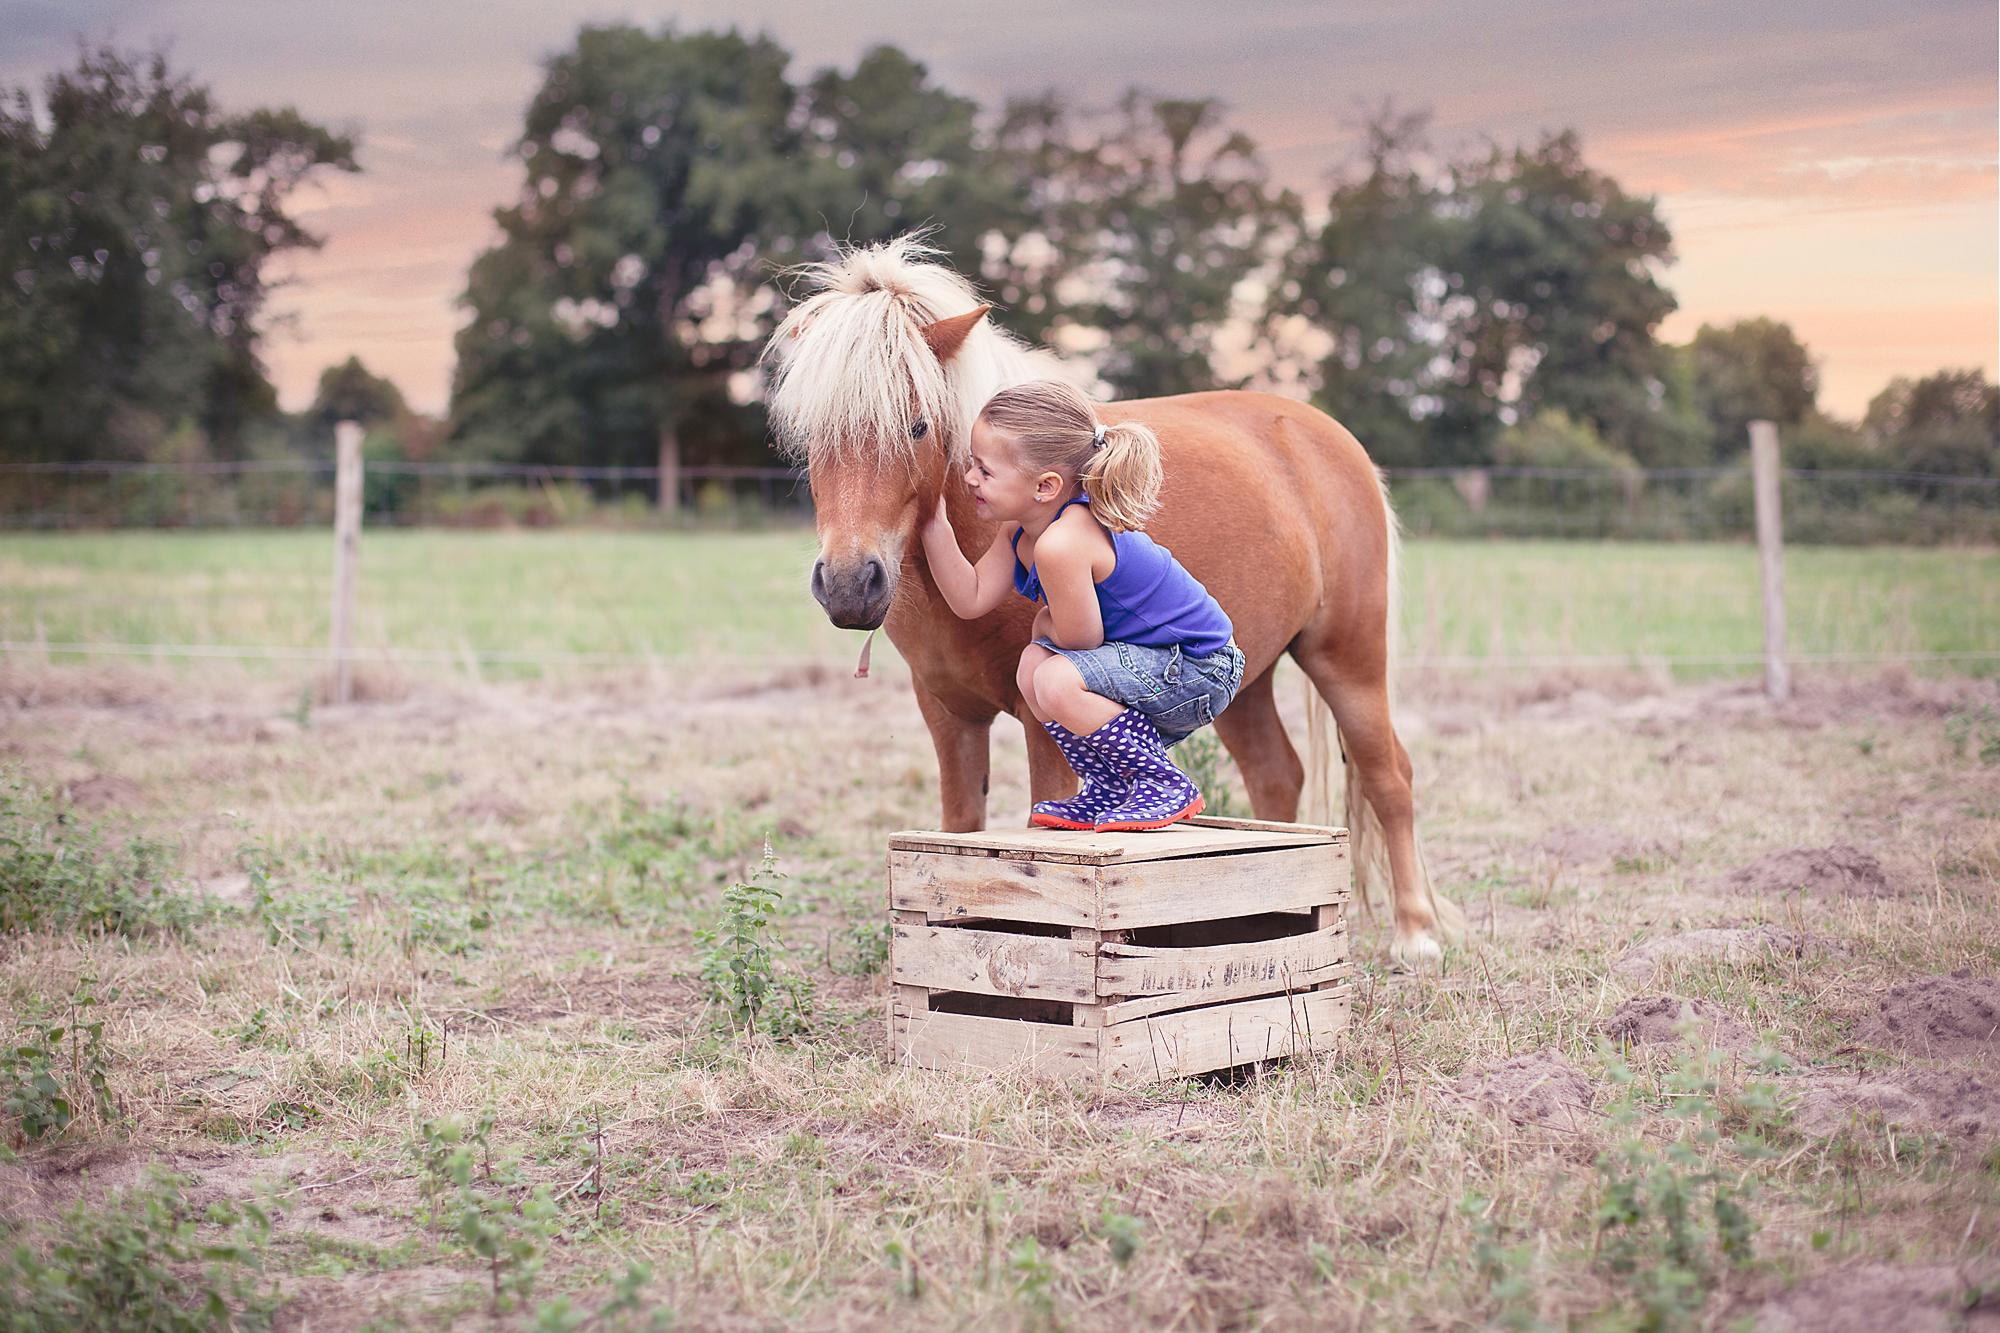 photographe-enfant-animaux-seance-haute-couture-sur-mesure